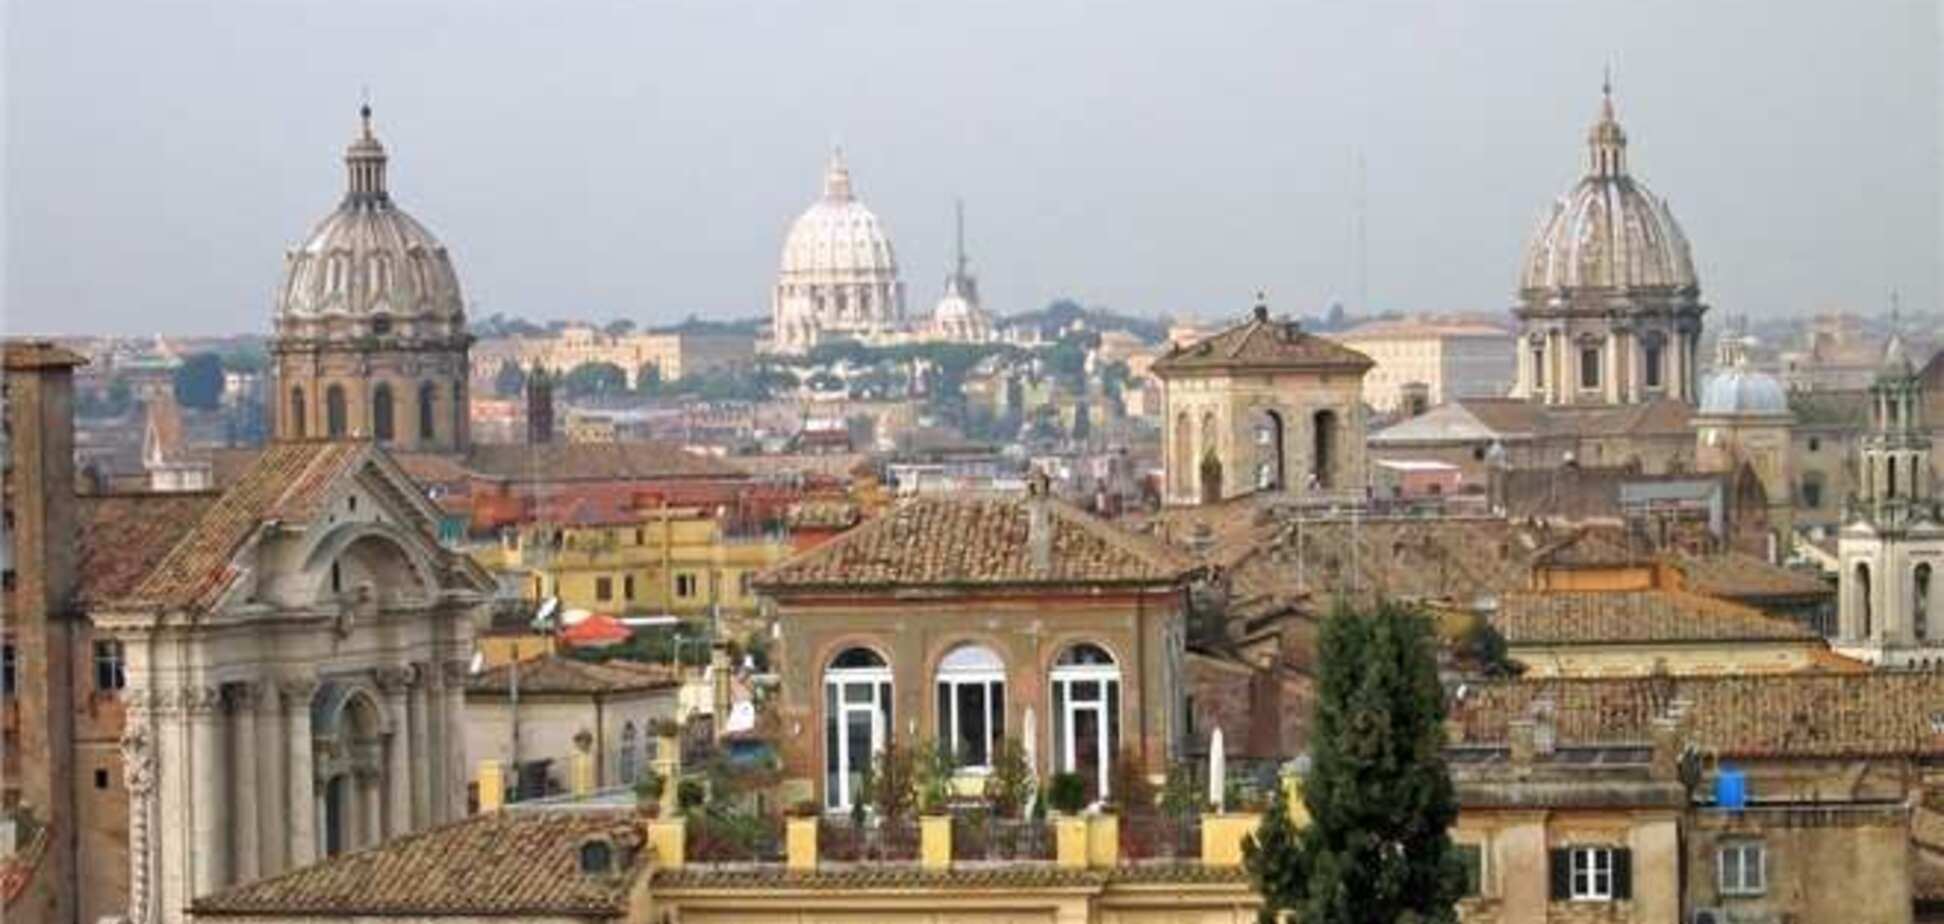 Иностранцы активнее стали скупать жилье в Италии